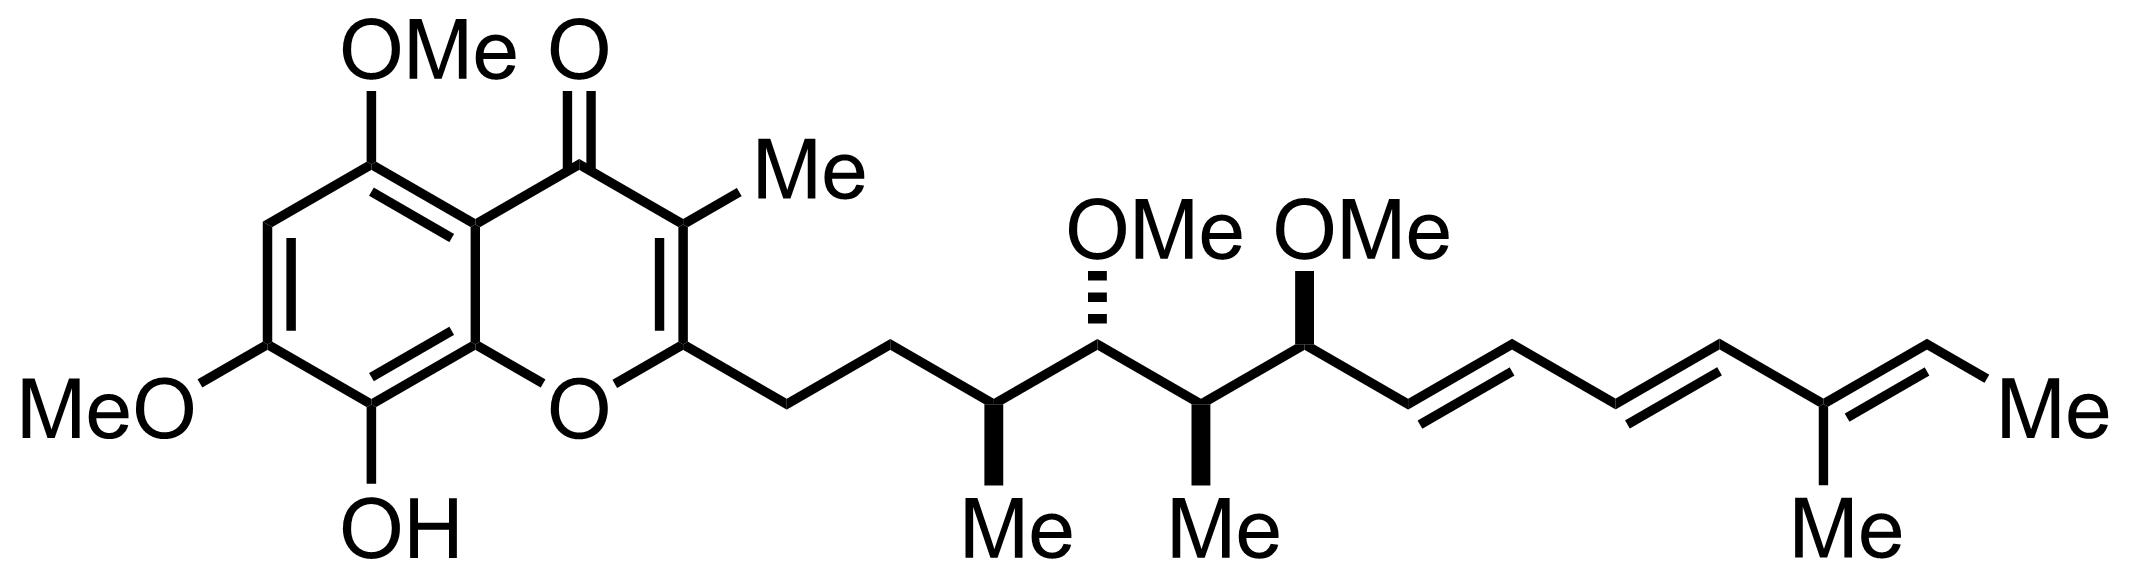 Stigmatellin A structure